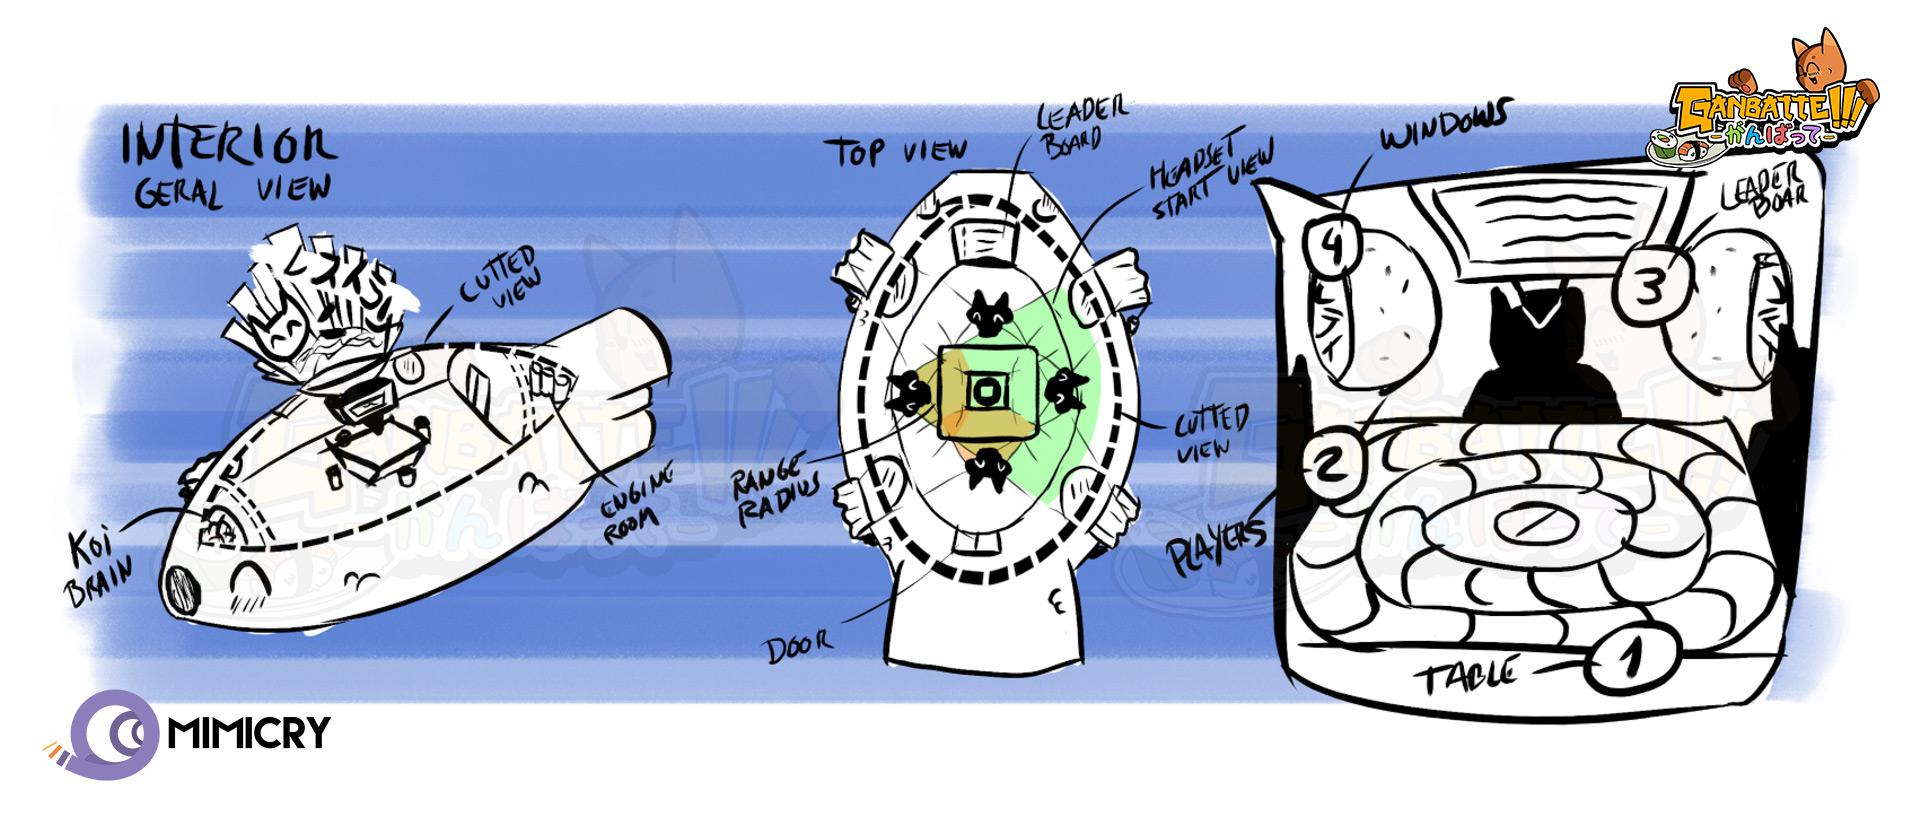 Ganbatte interior view concept sketches